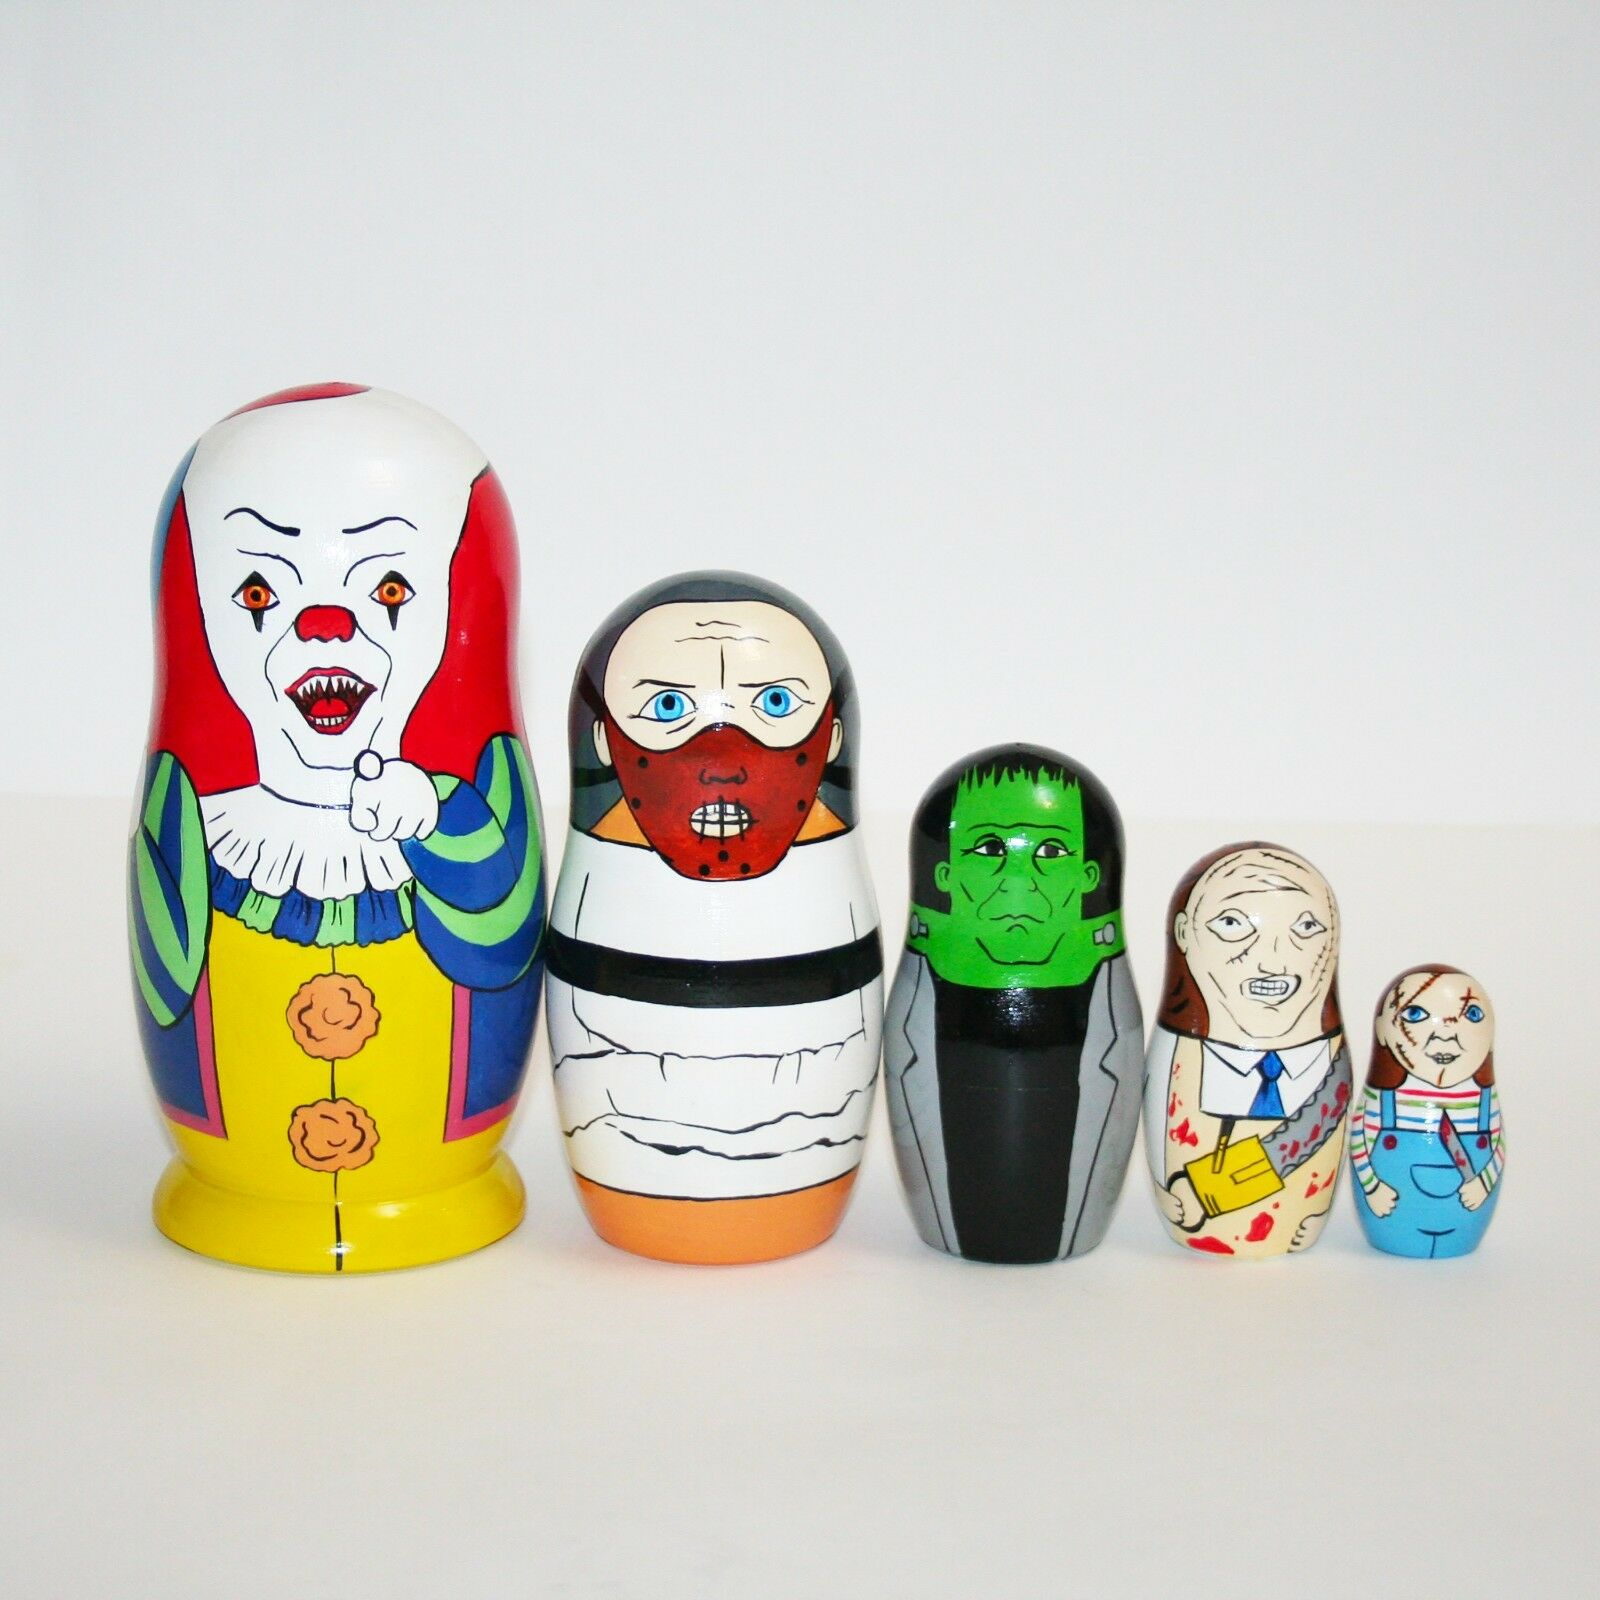 Poupées Russes film d'horreur villains Poupée Russe Matriochka Peinte à la main signé